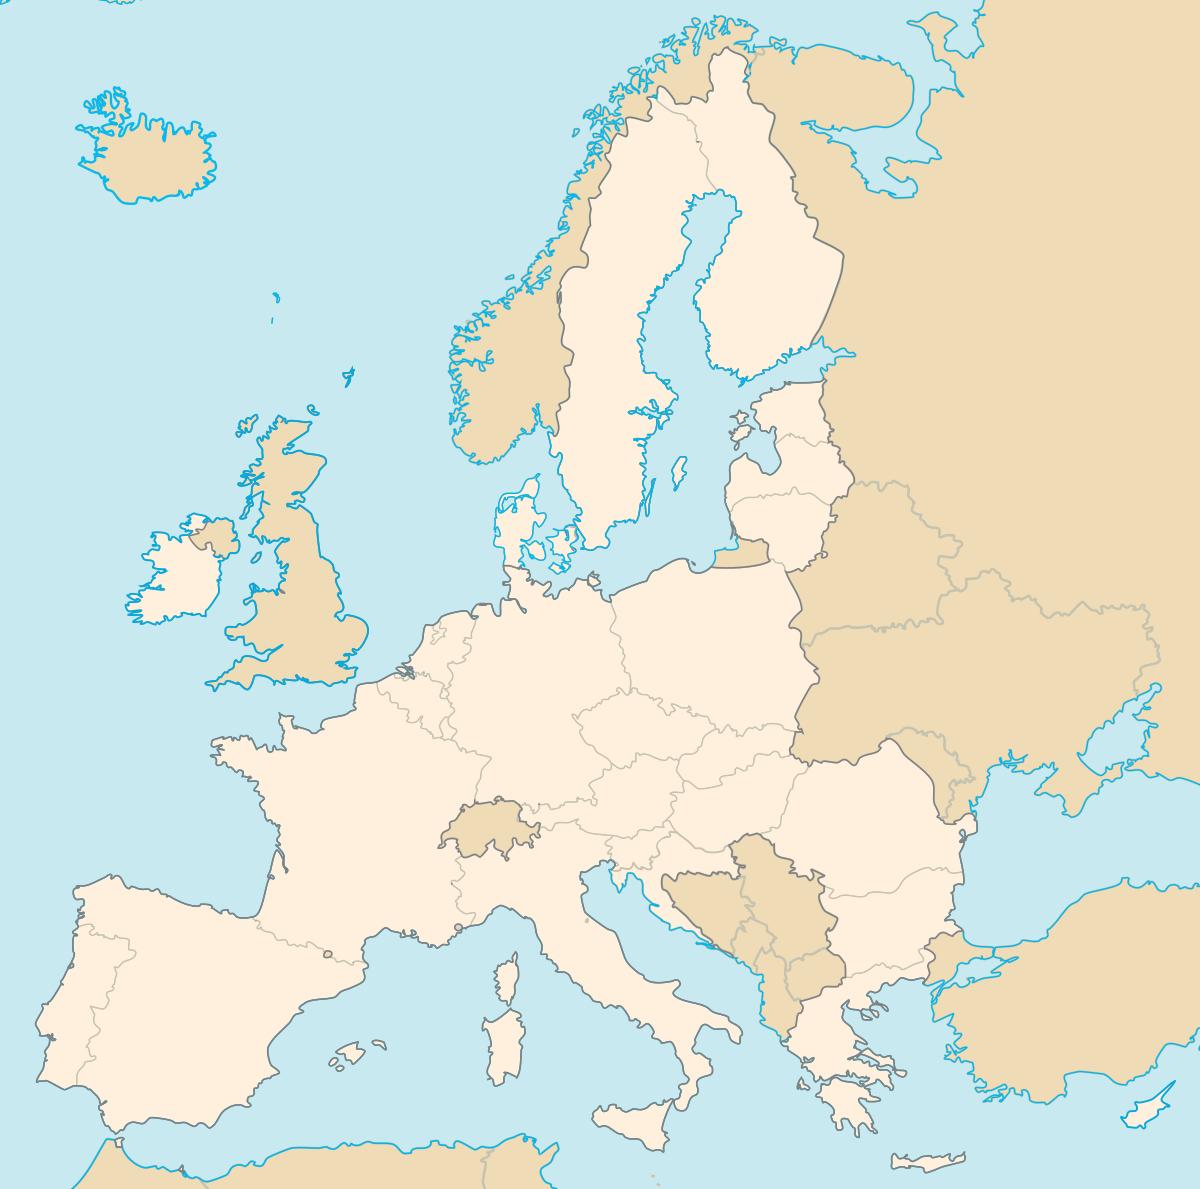 États Membres De L'union Européenne — Wikipédia concernant Carte Des Pays Membres De L Ue